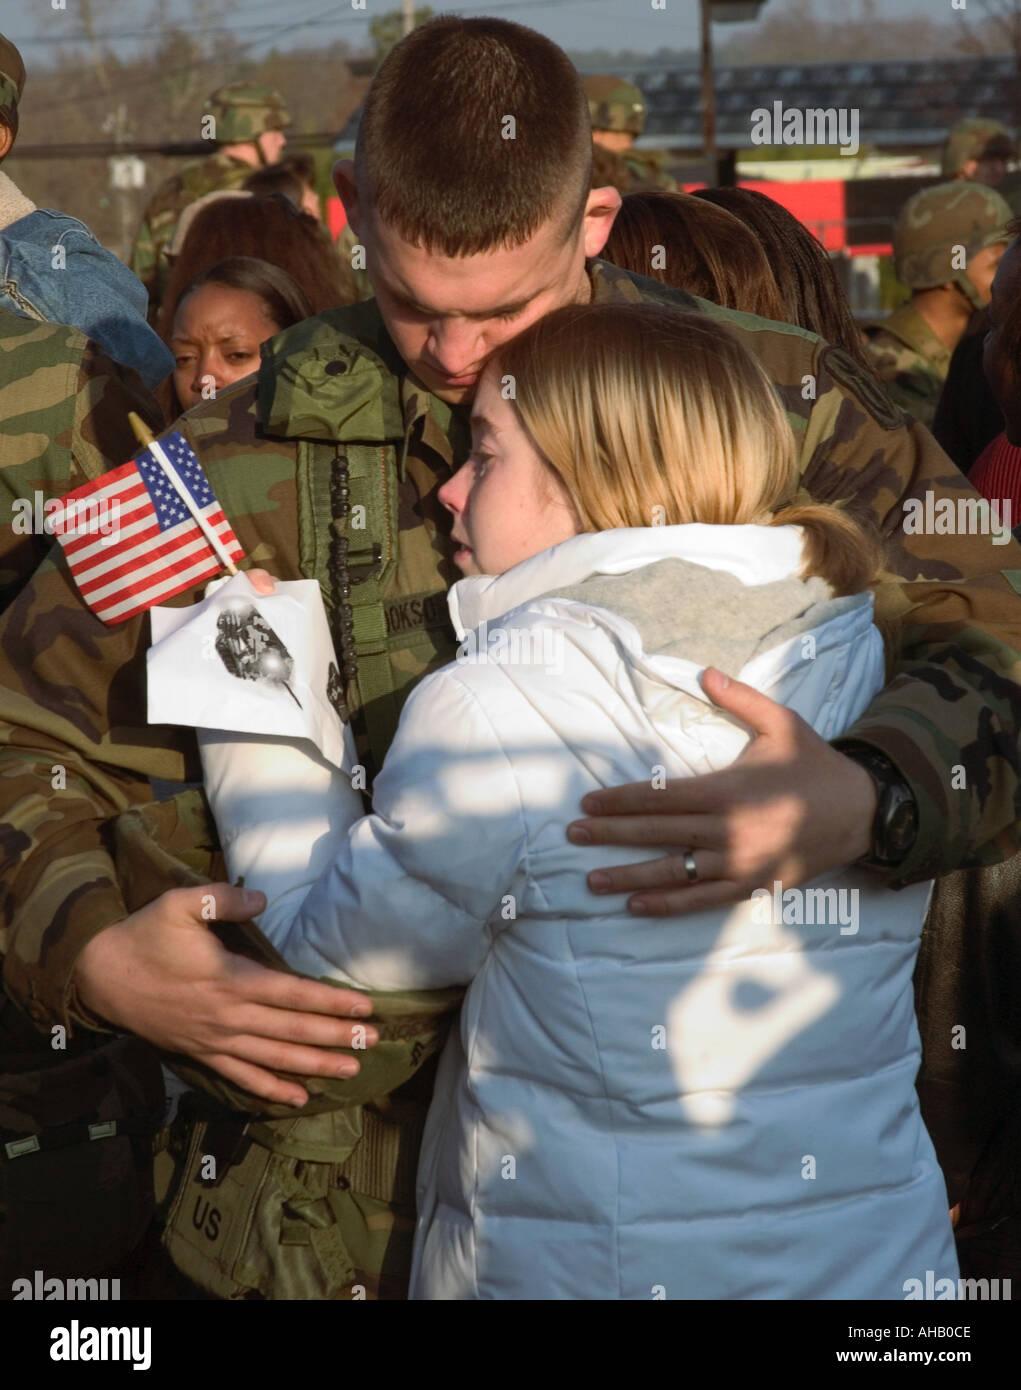 Soldat de 20 à 24 ans de partir pour le déploiement à l'Iraq Hugs His Wife Holding US Flag USA Photo Stock